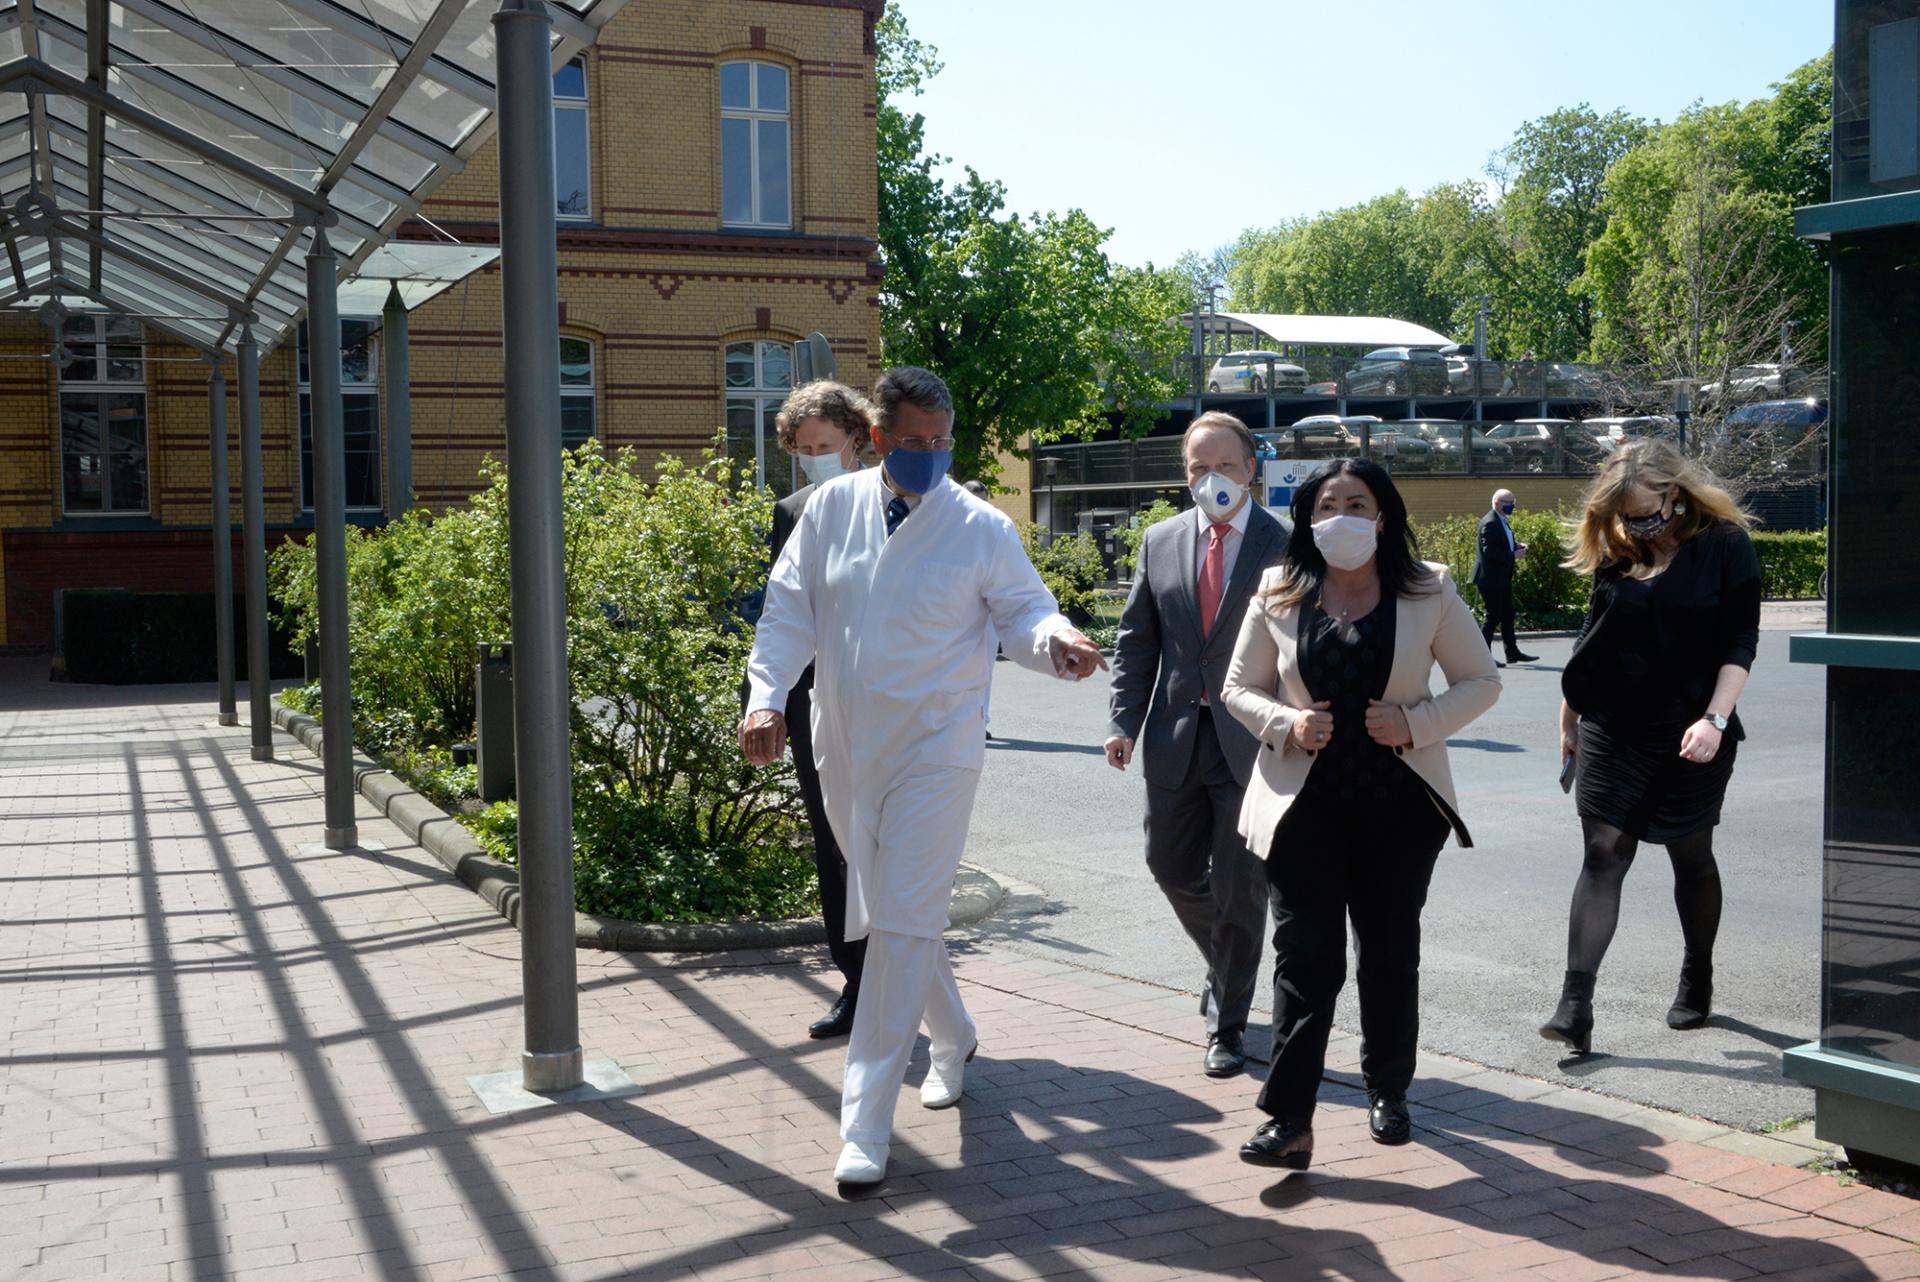 Berlins Gesundheitssenatorin Dilek Kalayci und Professor Dr. Axel Ekkernkamp auf dem Weg zur Berliner Station der DRF Luftrettung. Foto: Cristina Vazquez